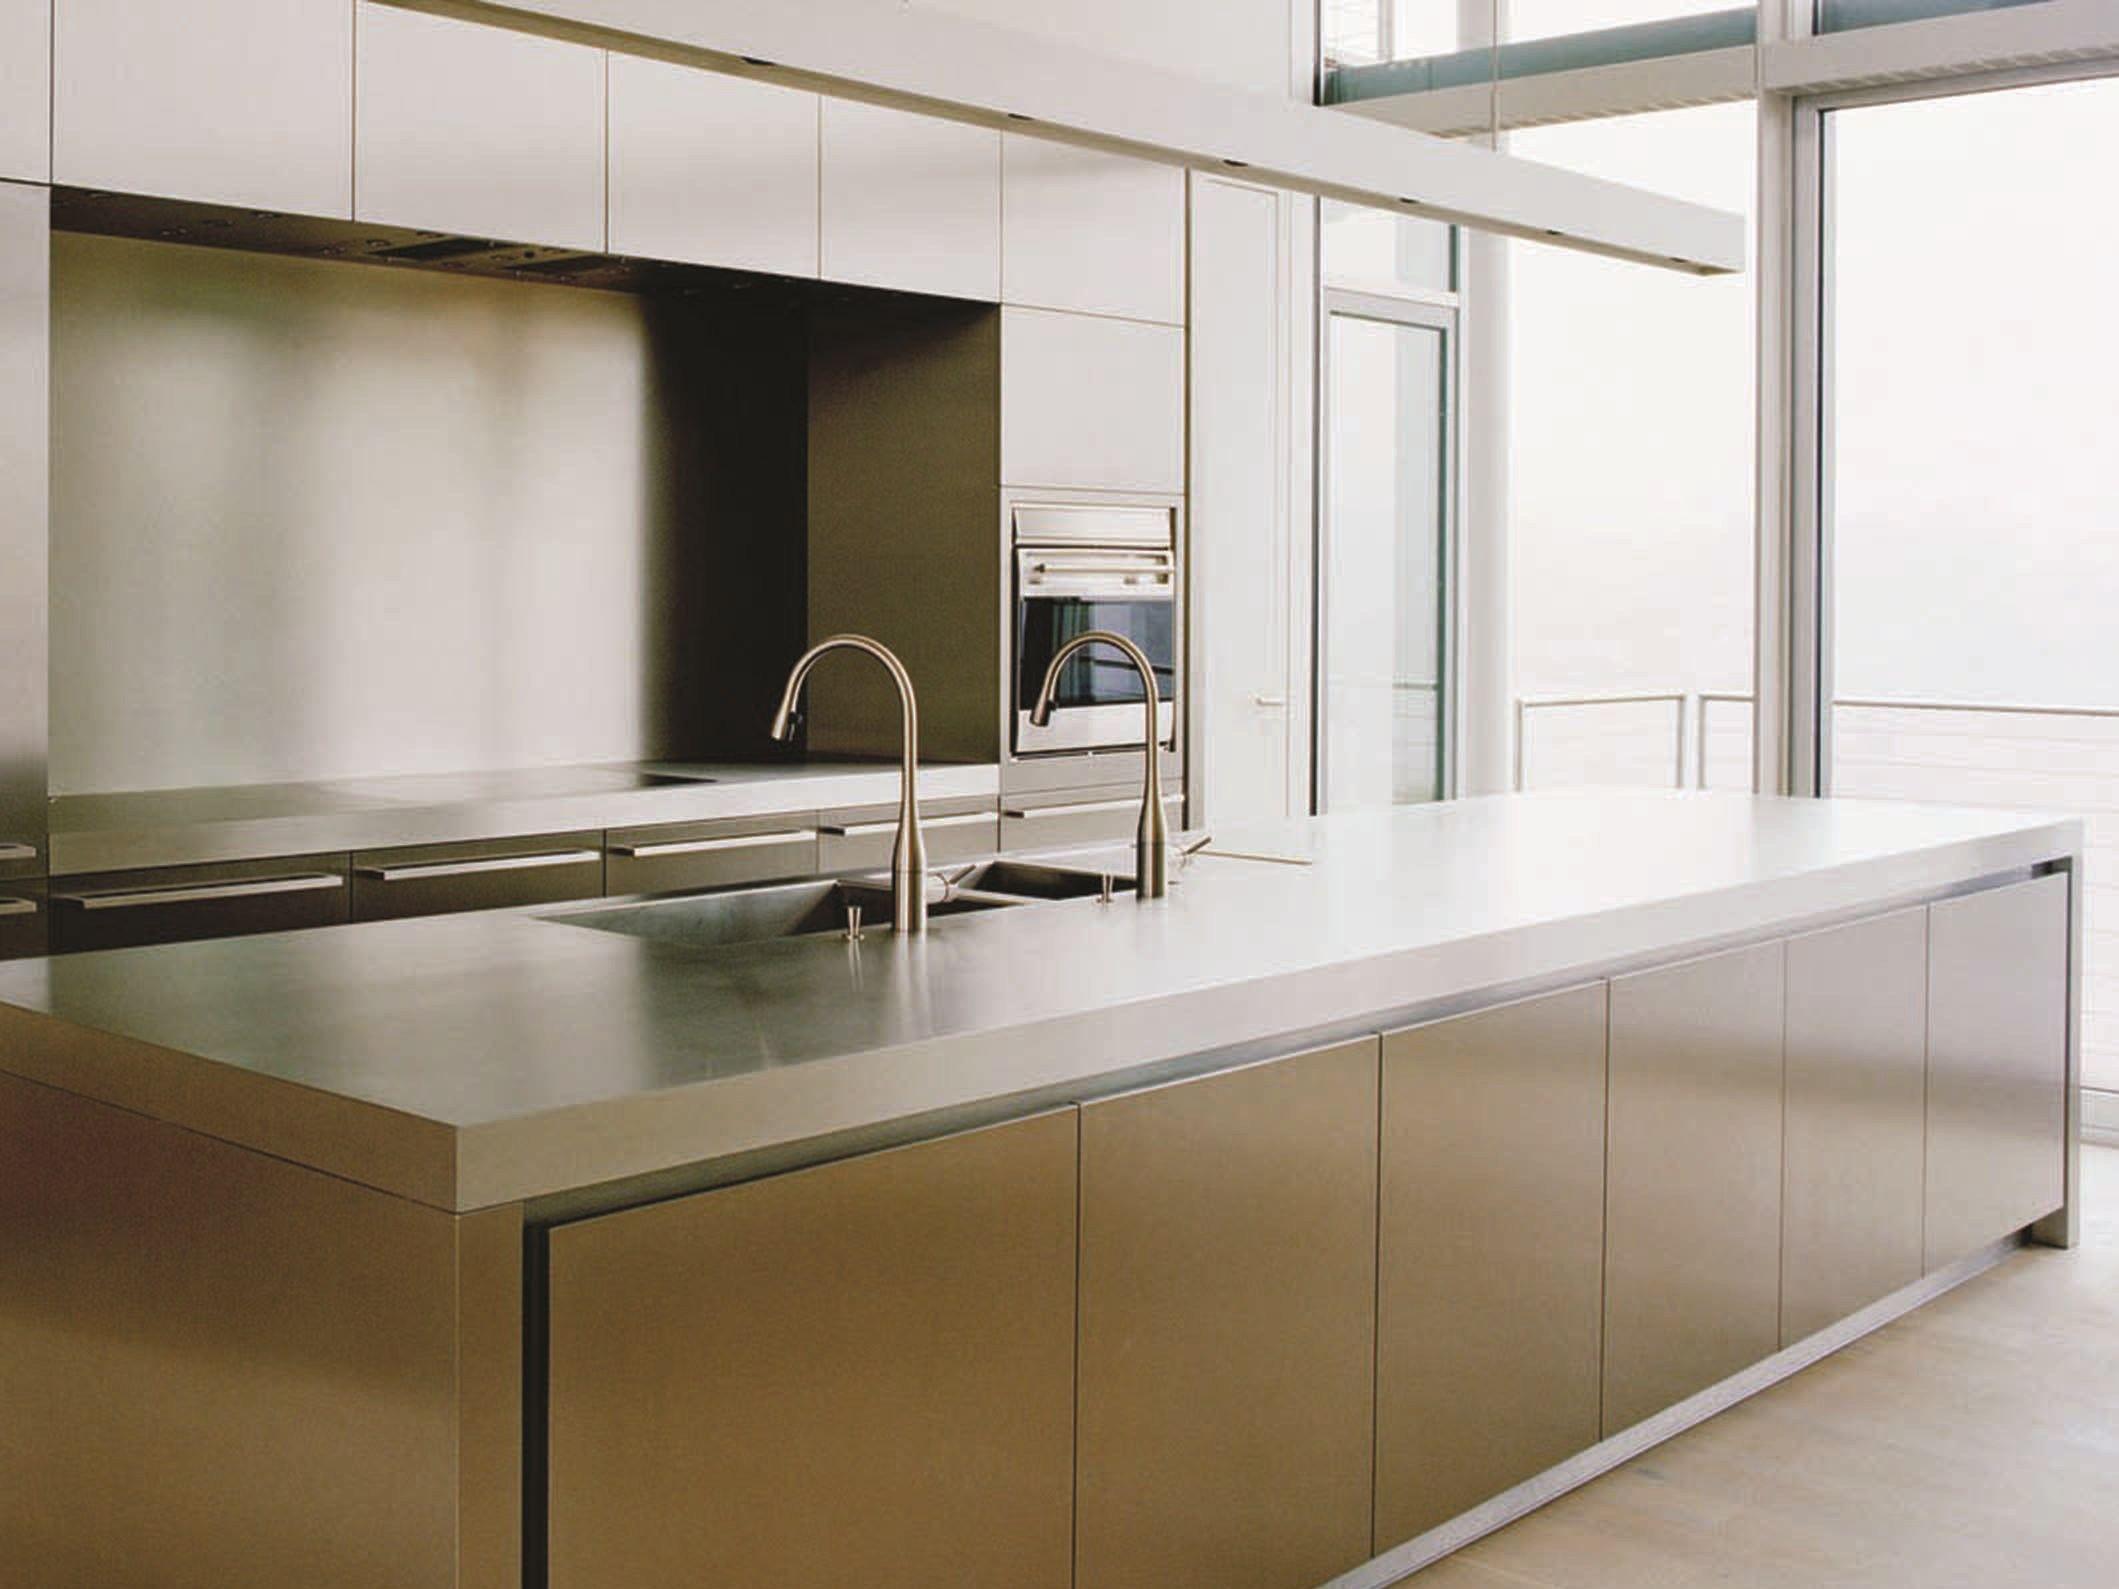 Cucina in acciaio inox npu progr inx by strato cucine - Cucina in acciaio inox ...